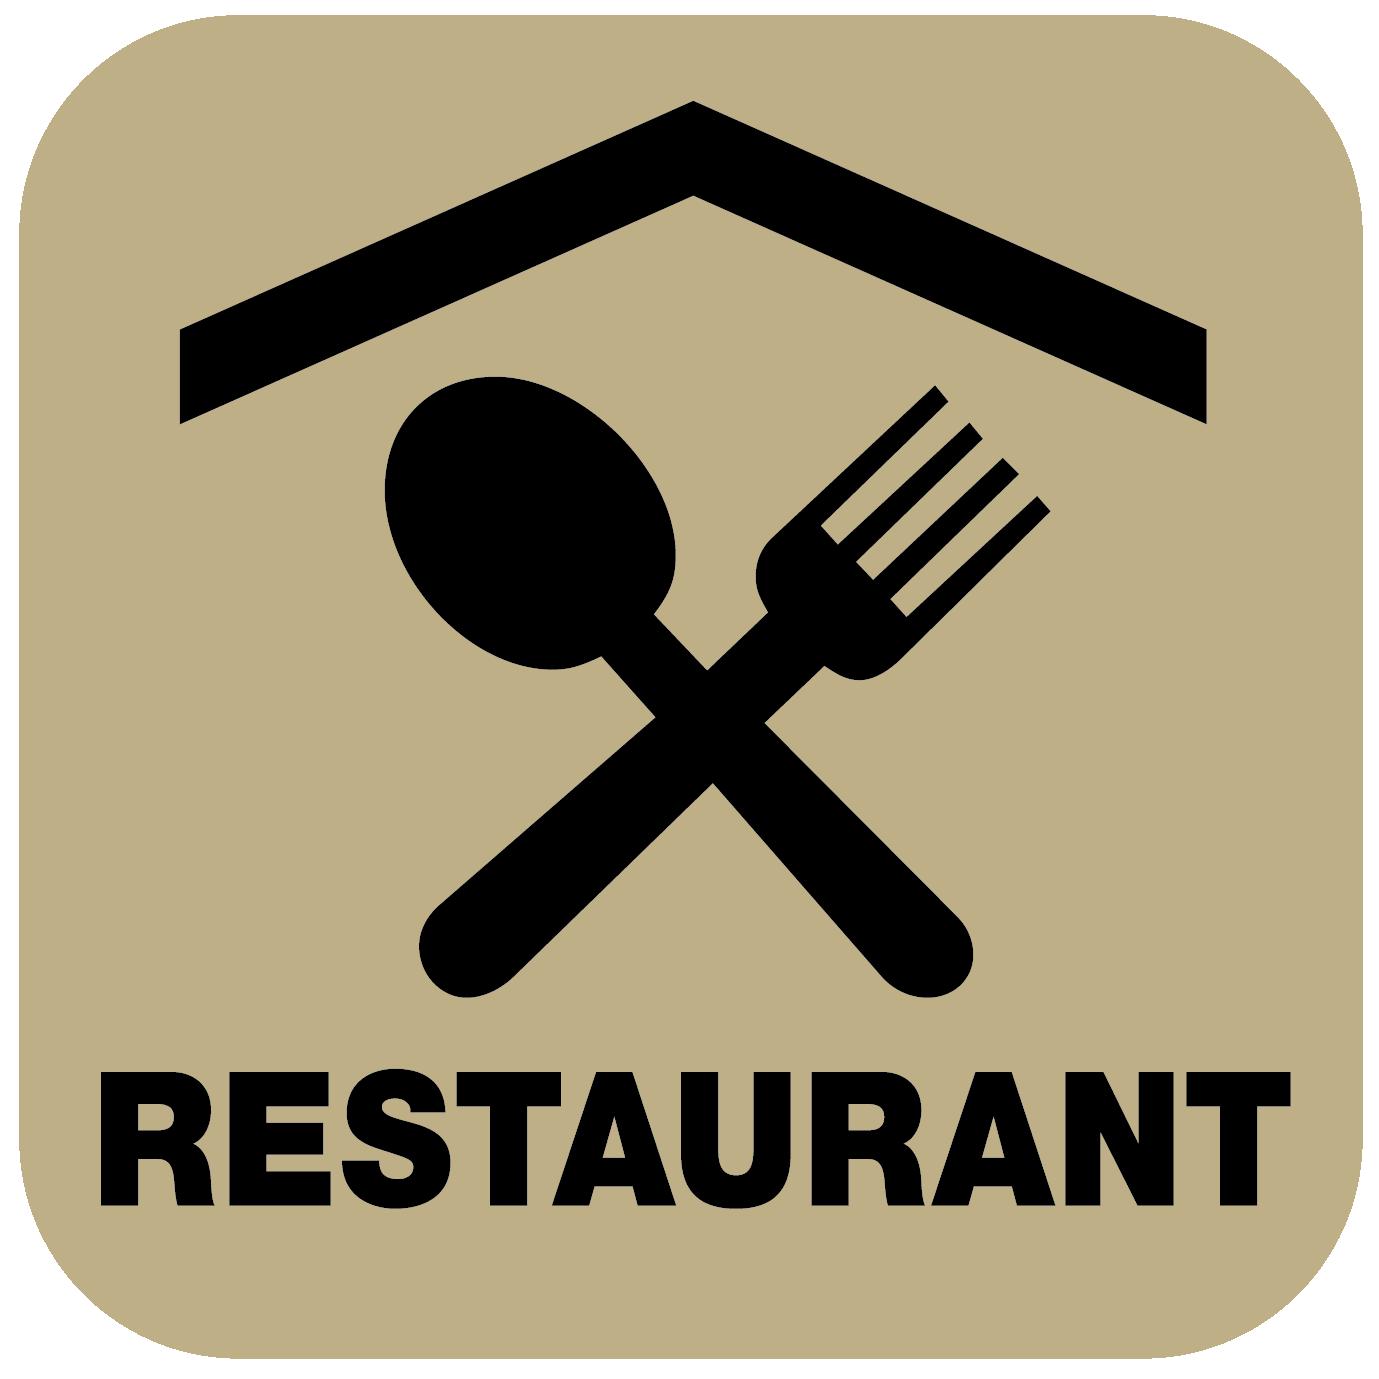 Restaurant à vendre - 732.0 m2 - 06 - Alpes-Maritimes